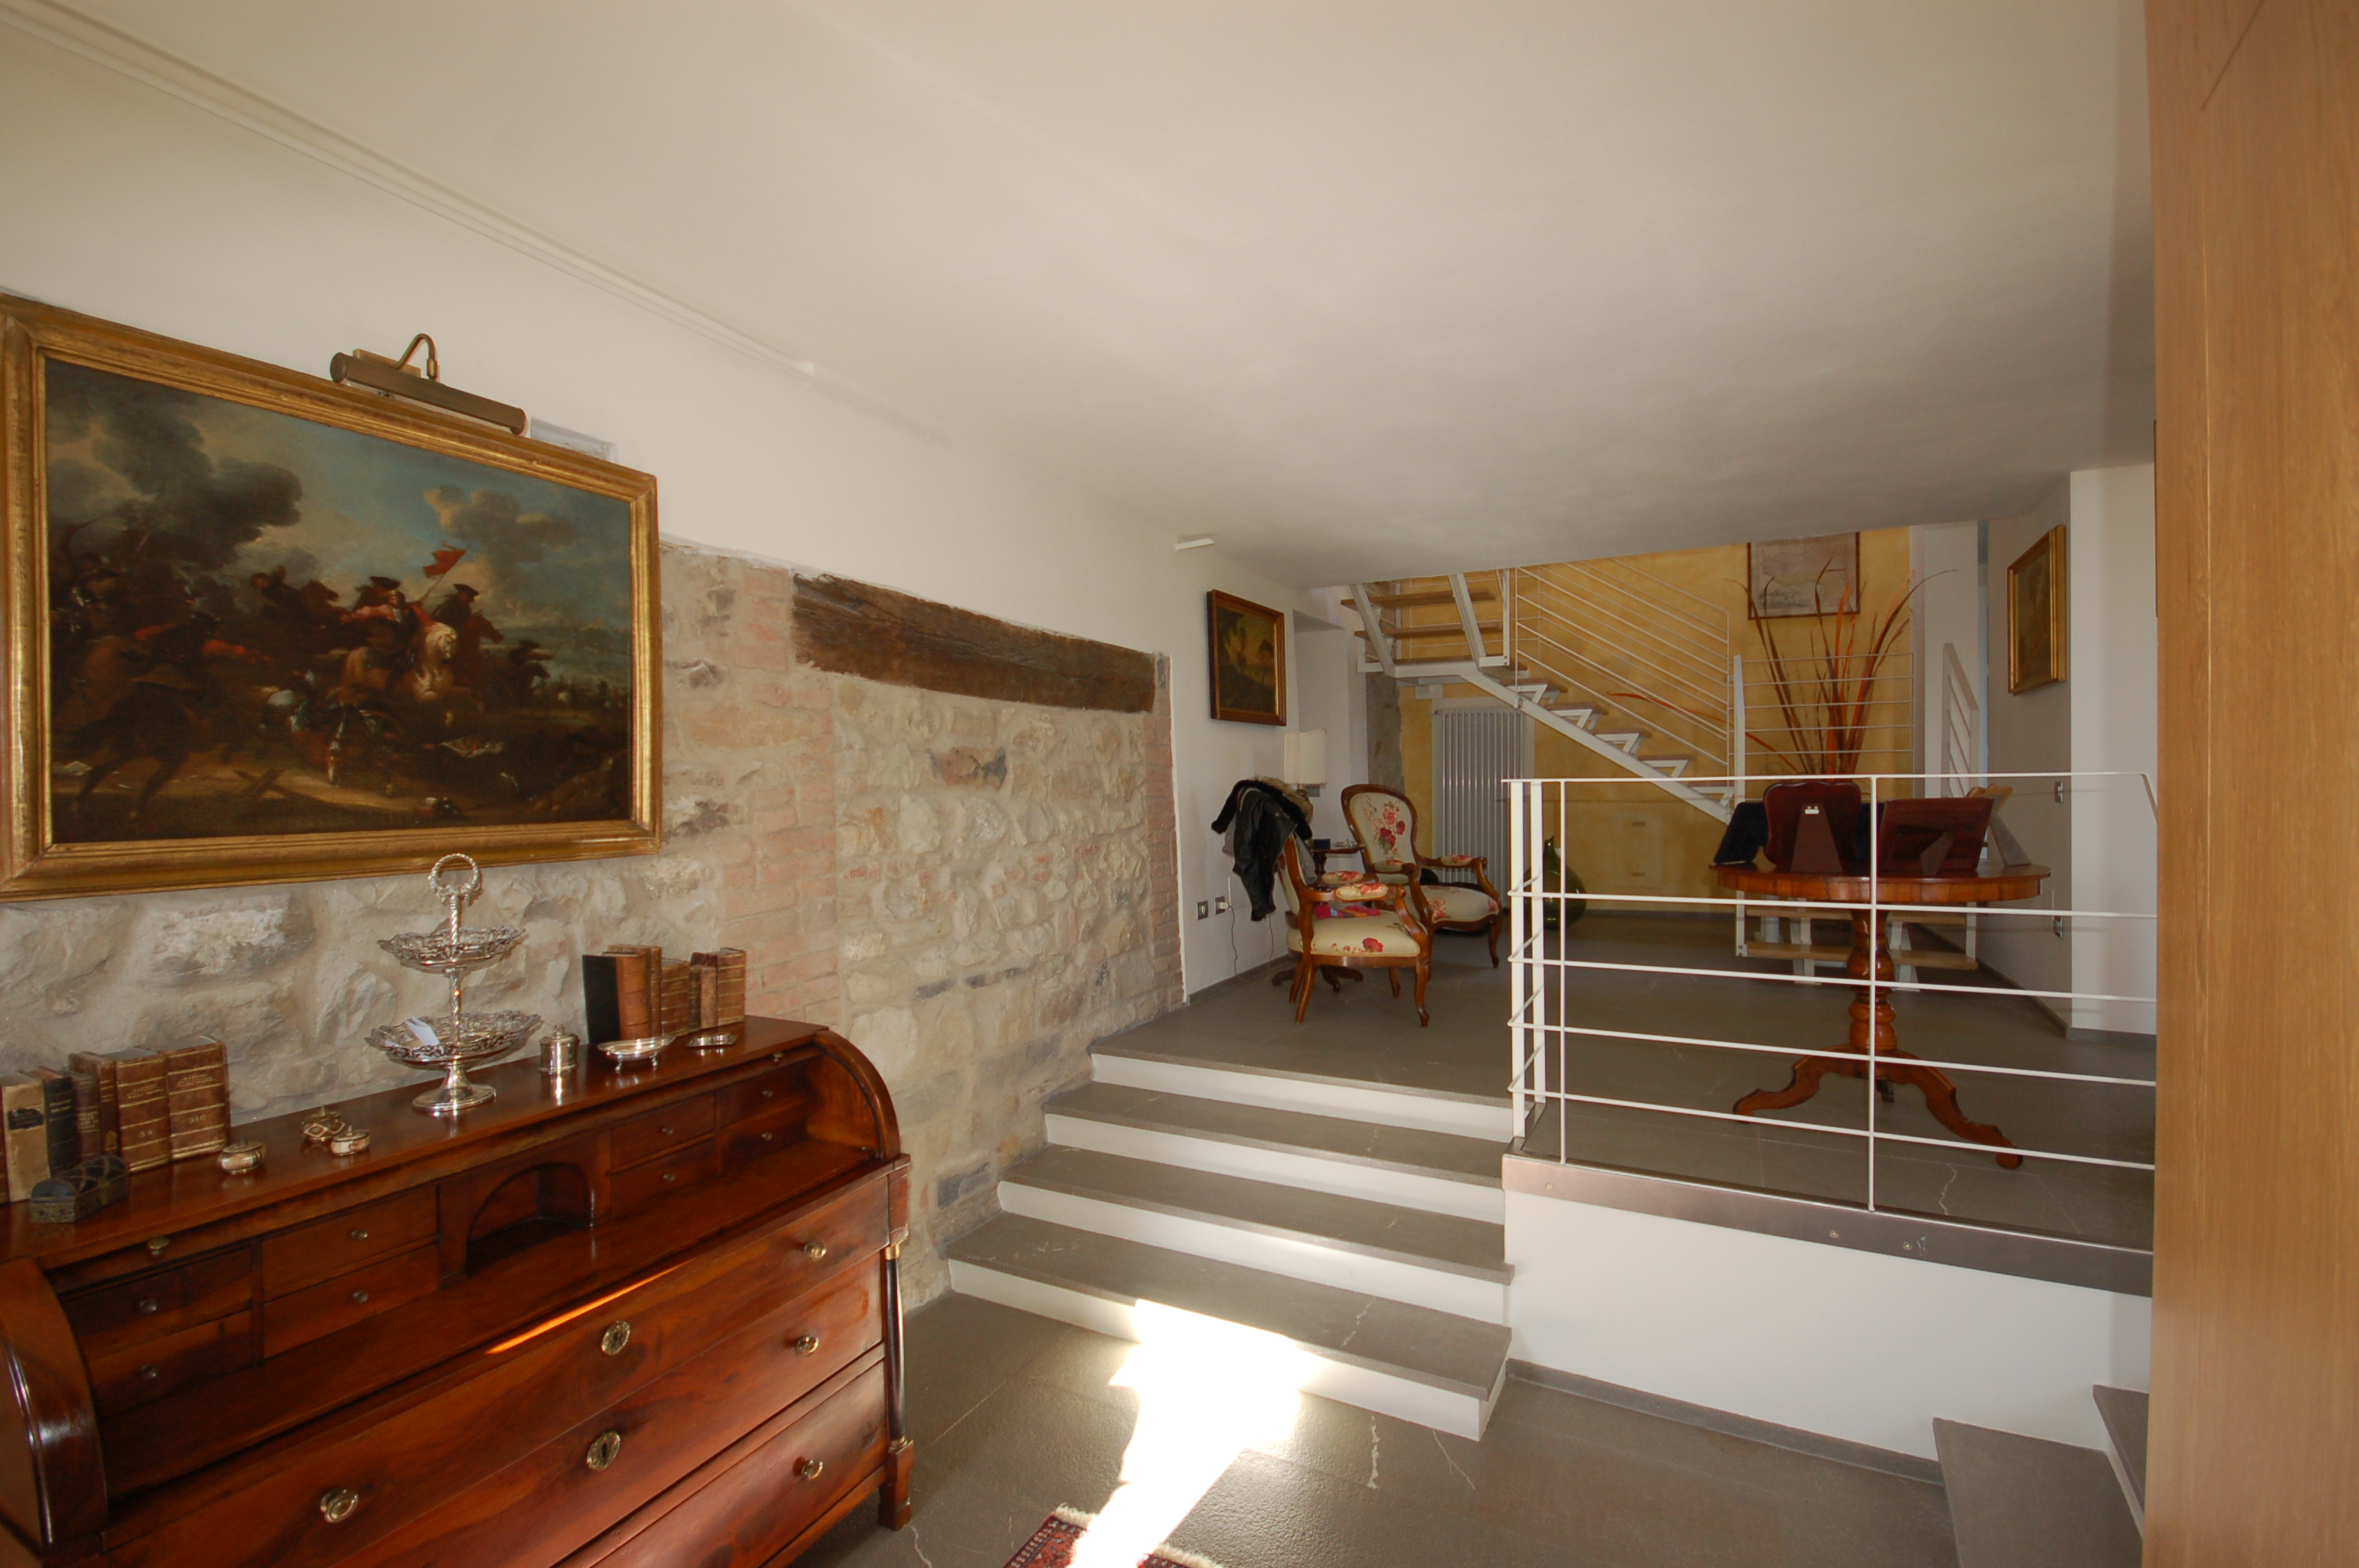 Caseloft s r l servizi immobiliari - Interni rustici ...